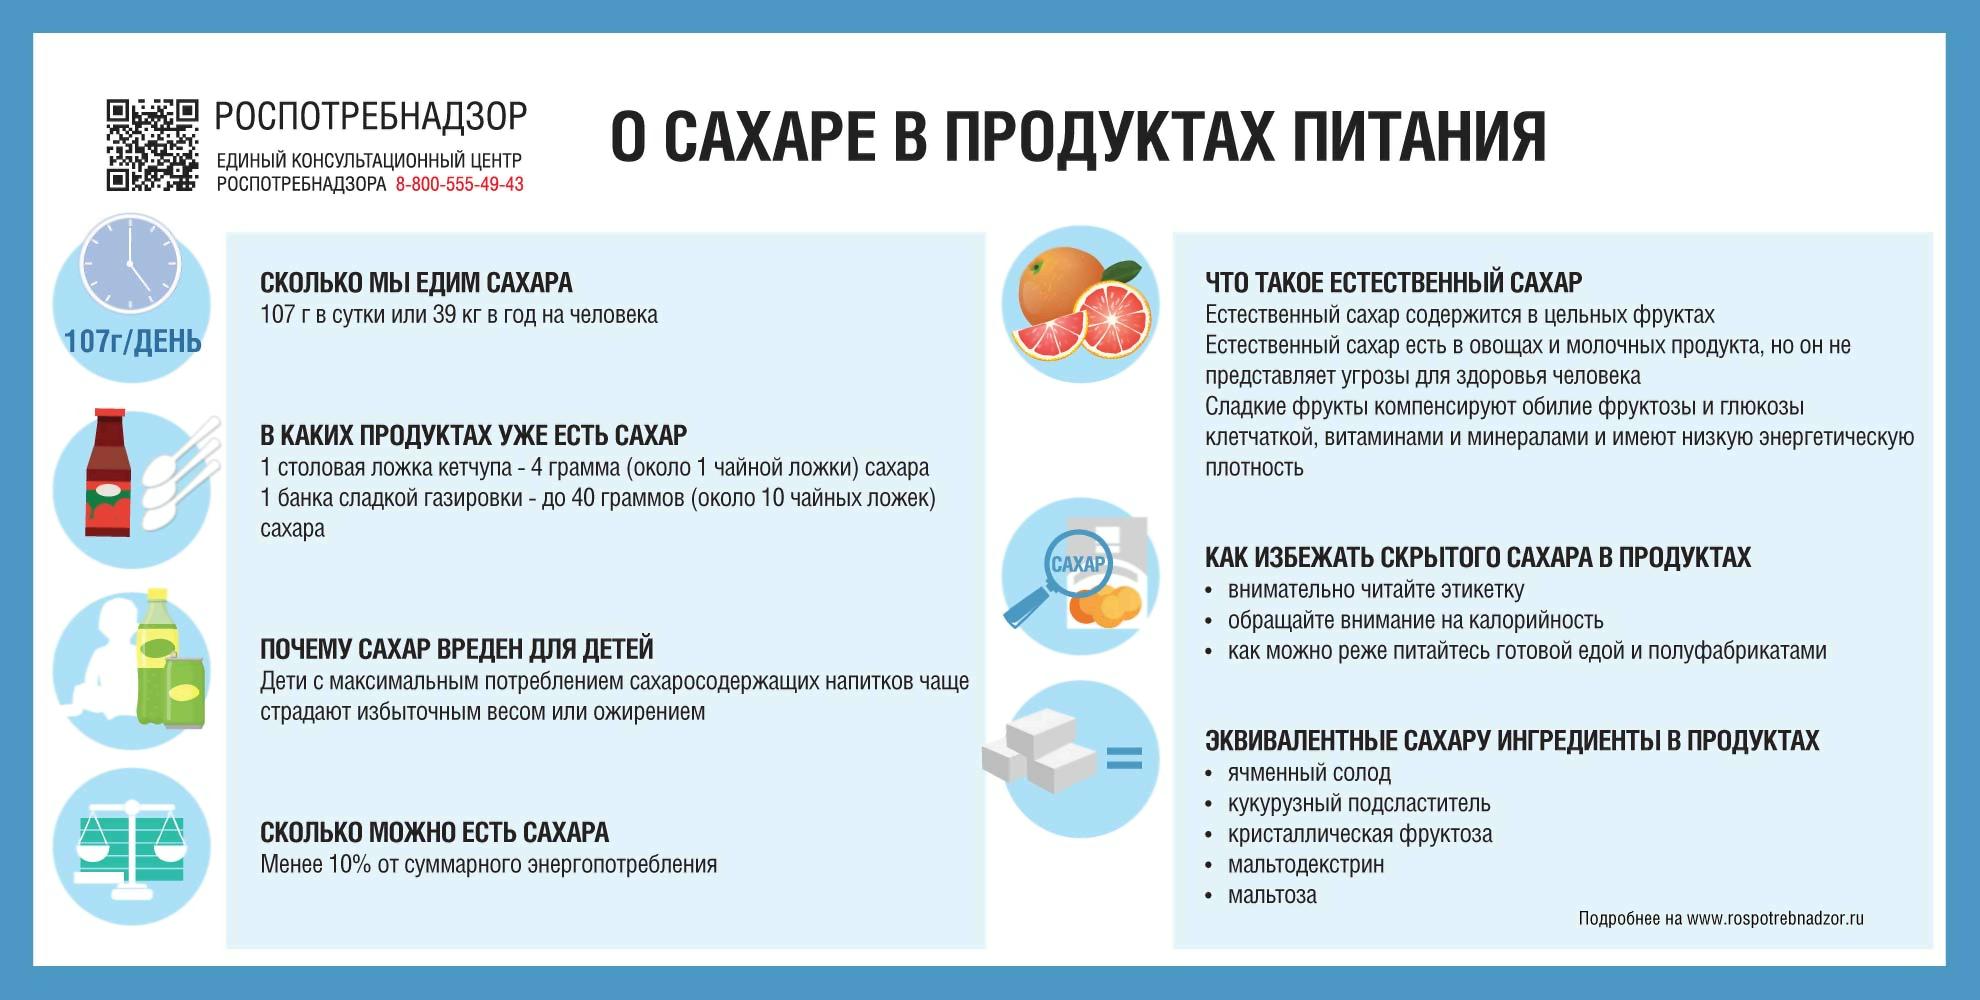 Роспотребнадзор, россия - деловой квартал